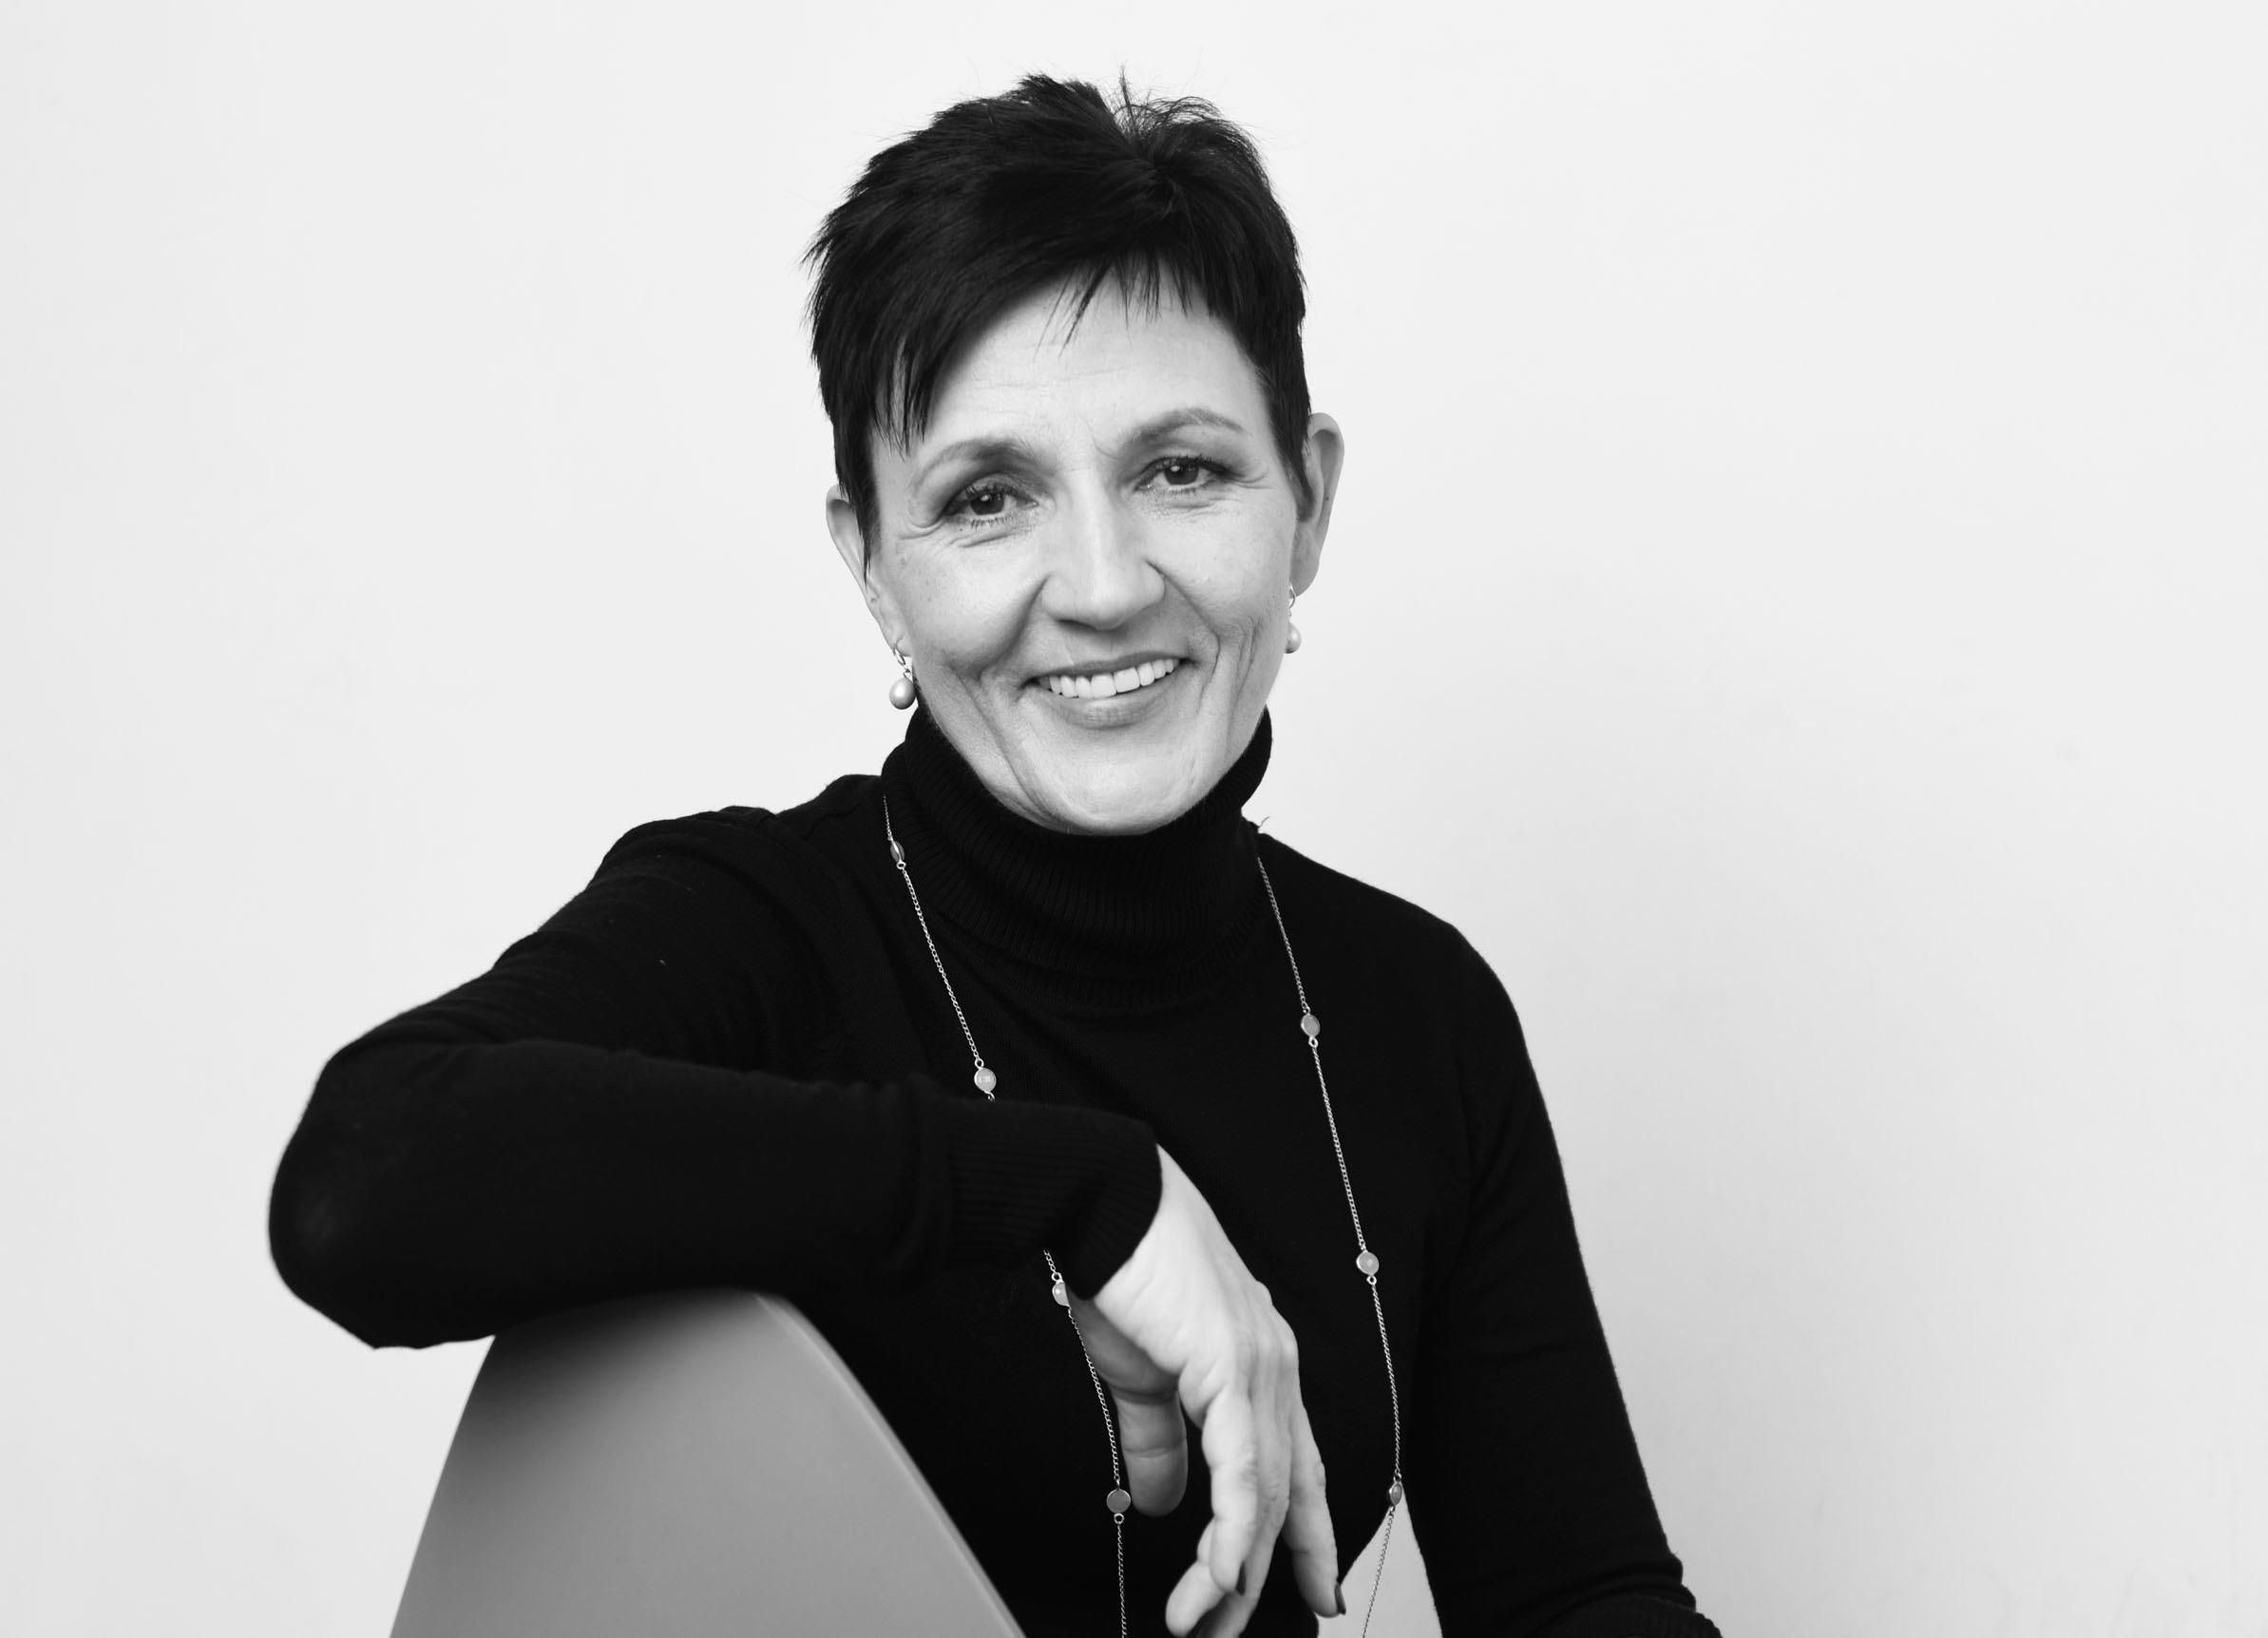 Karin Lund-Frank